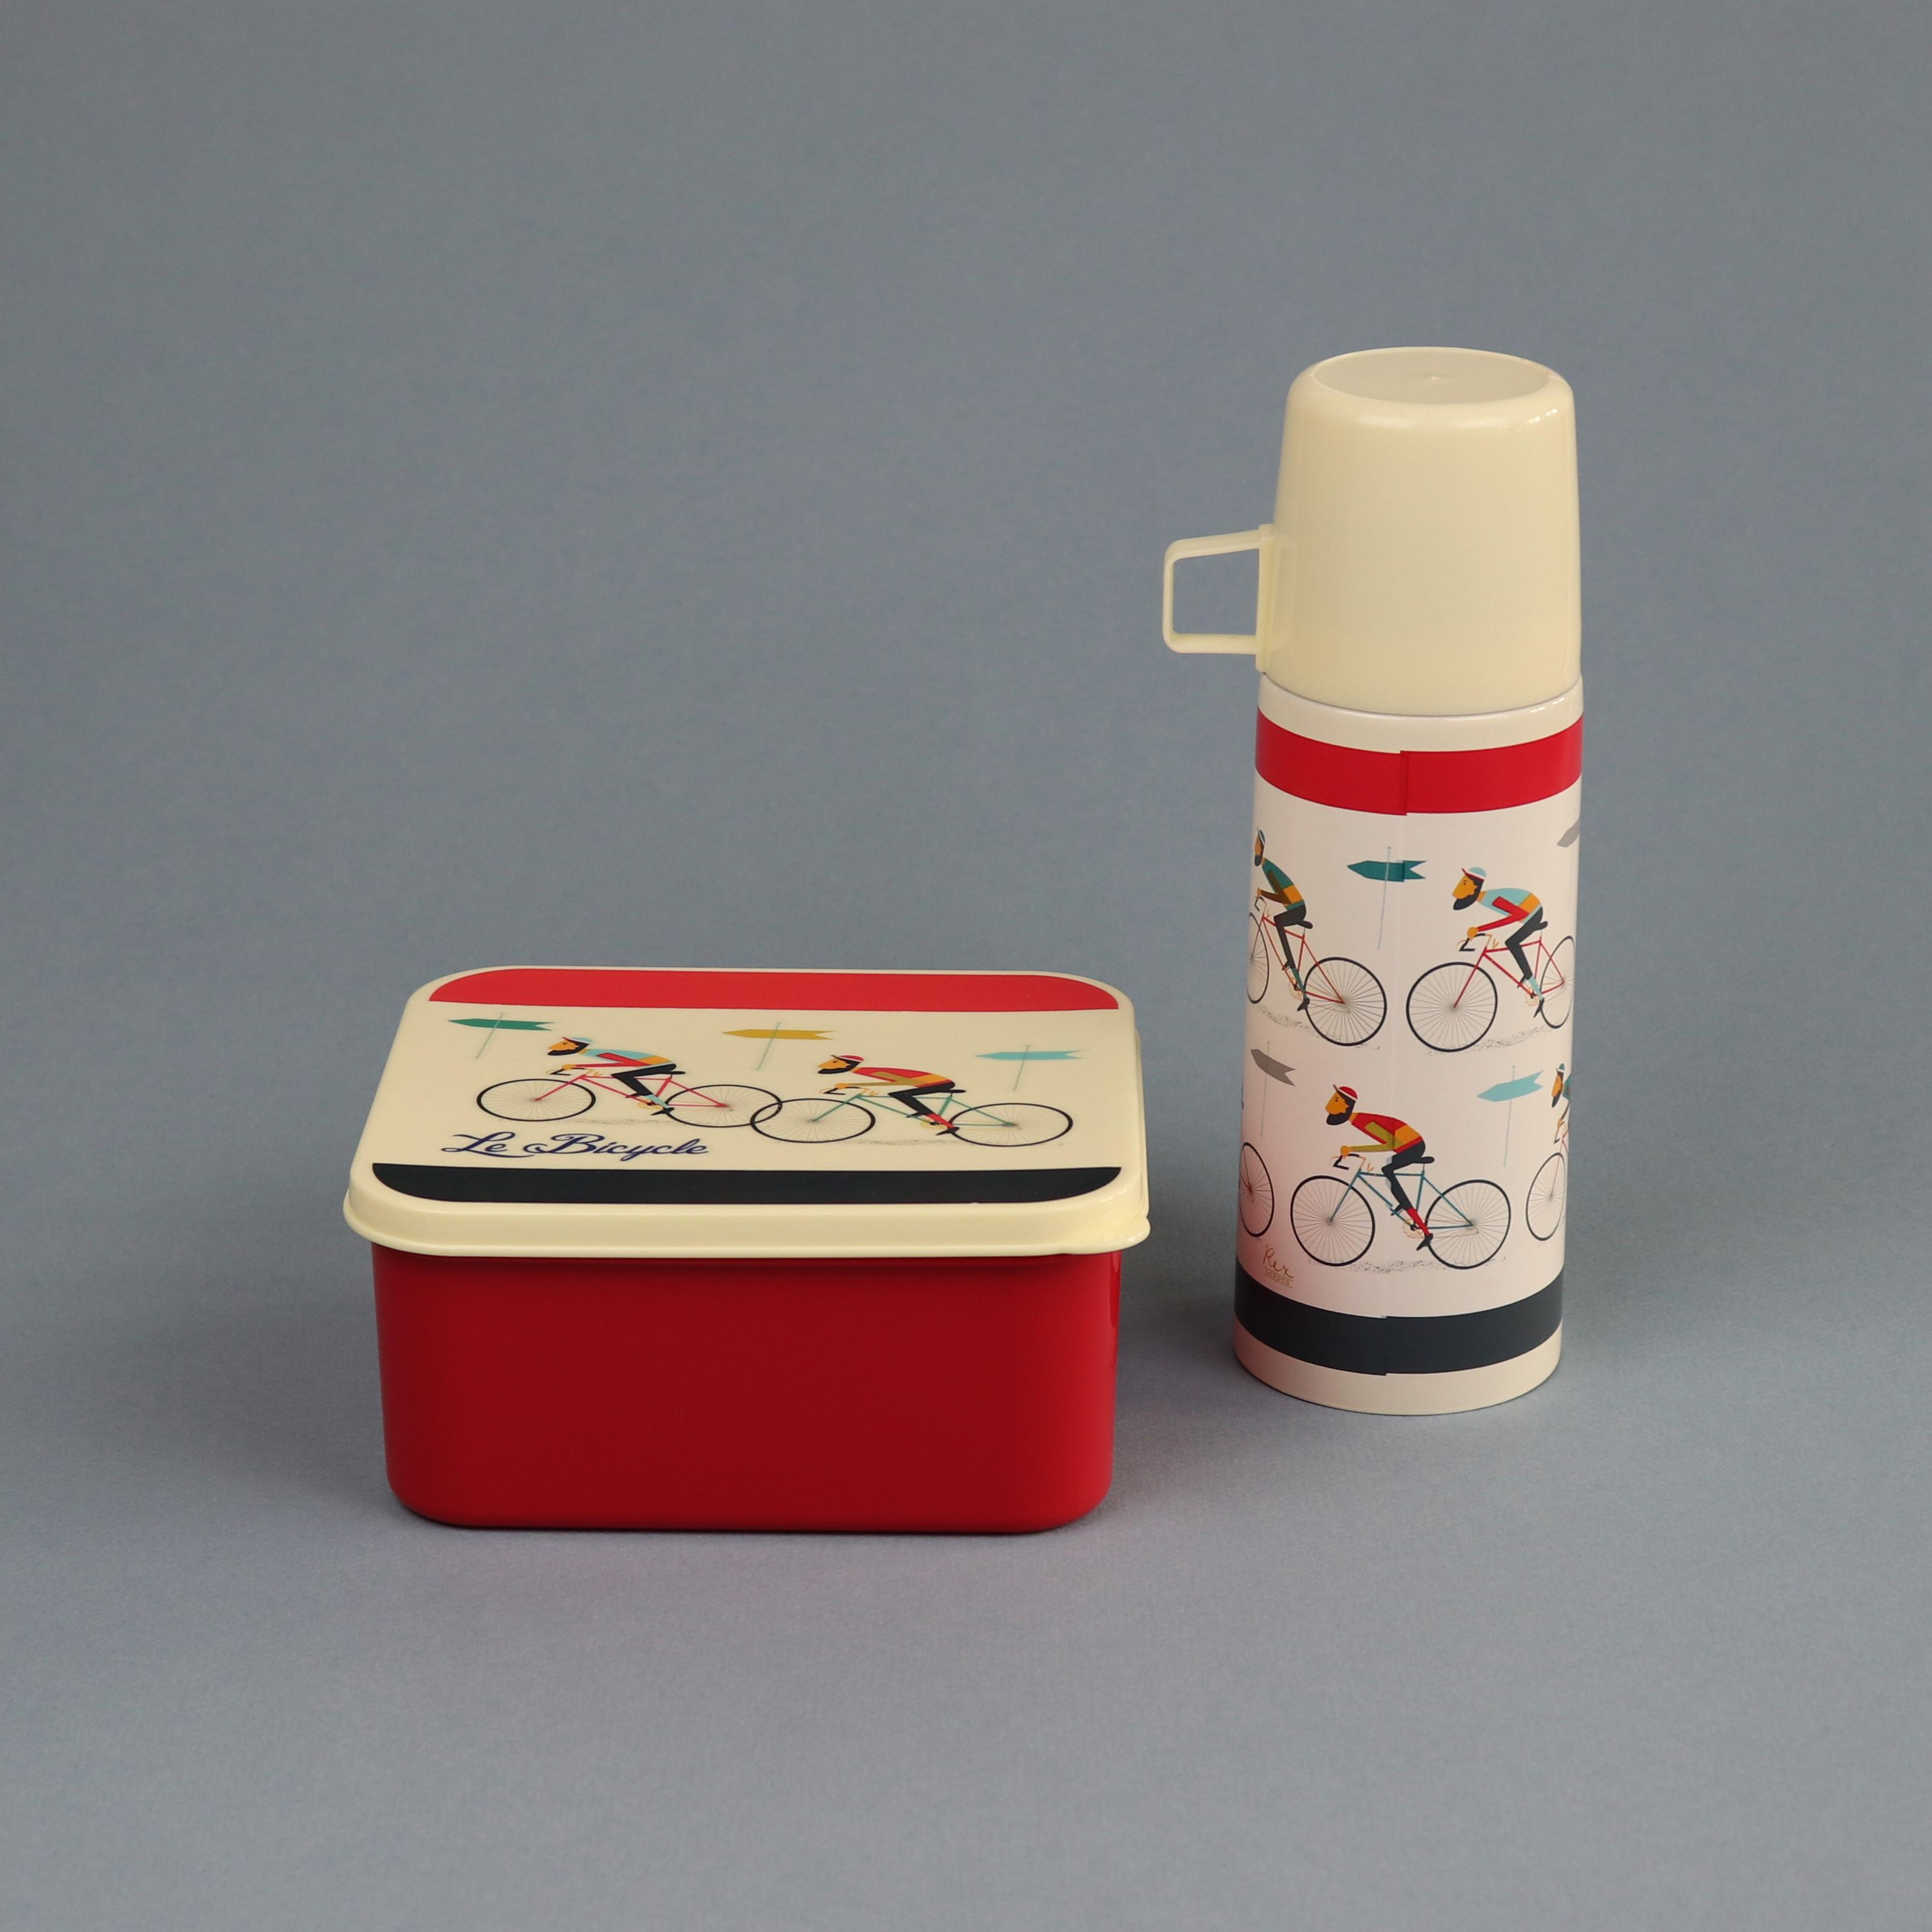 Brotdosen und Thermosflaschen bei Kunstgriff Leipzig